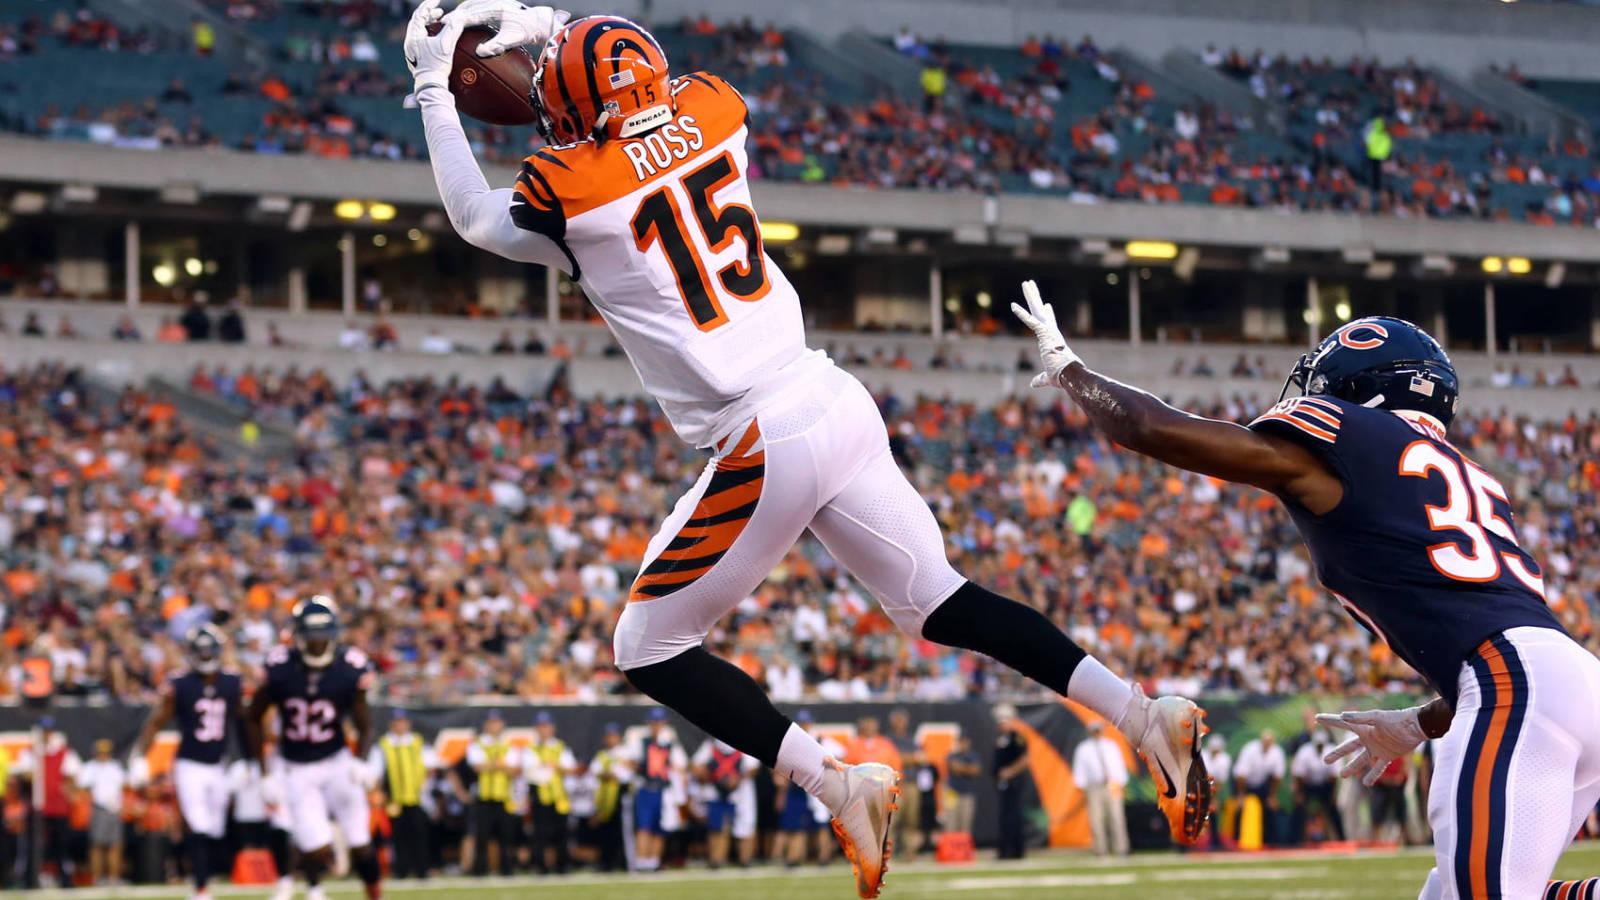 John Ross Cincinnati Bengals ile yollarını ayırabilir!